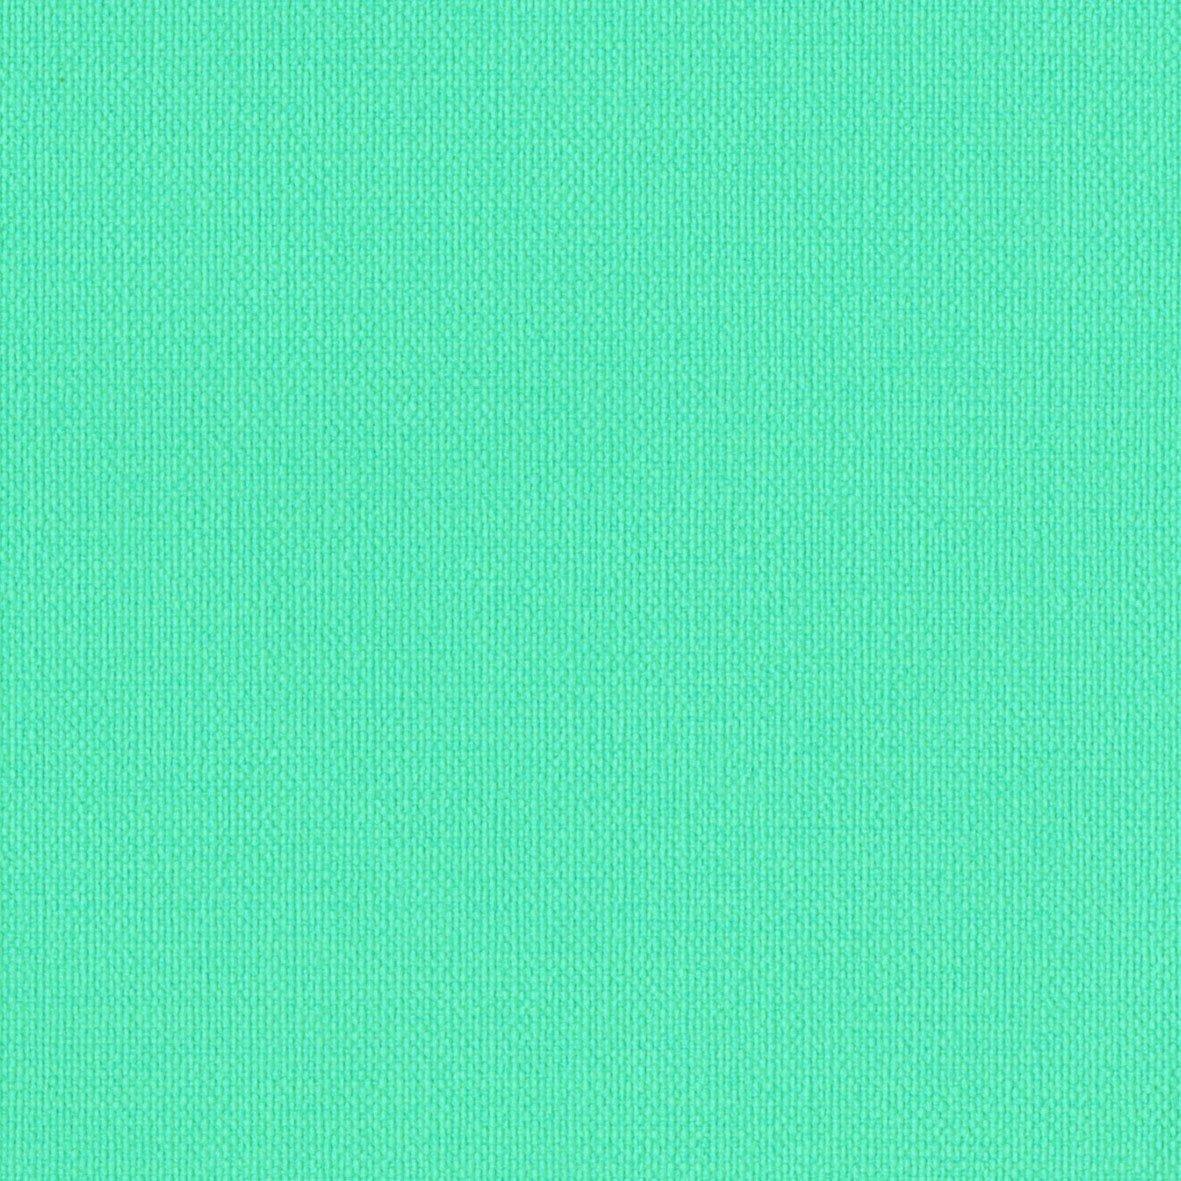 リリカラ 壁紙34m シンフル 織物調 ブルー LL-8241 B01MQFJCE1 34m|ブルー